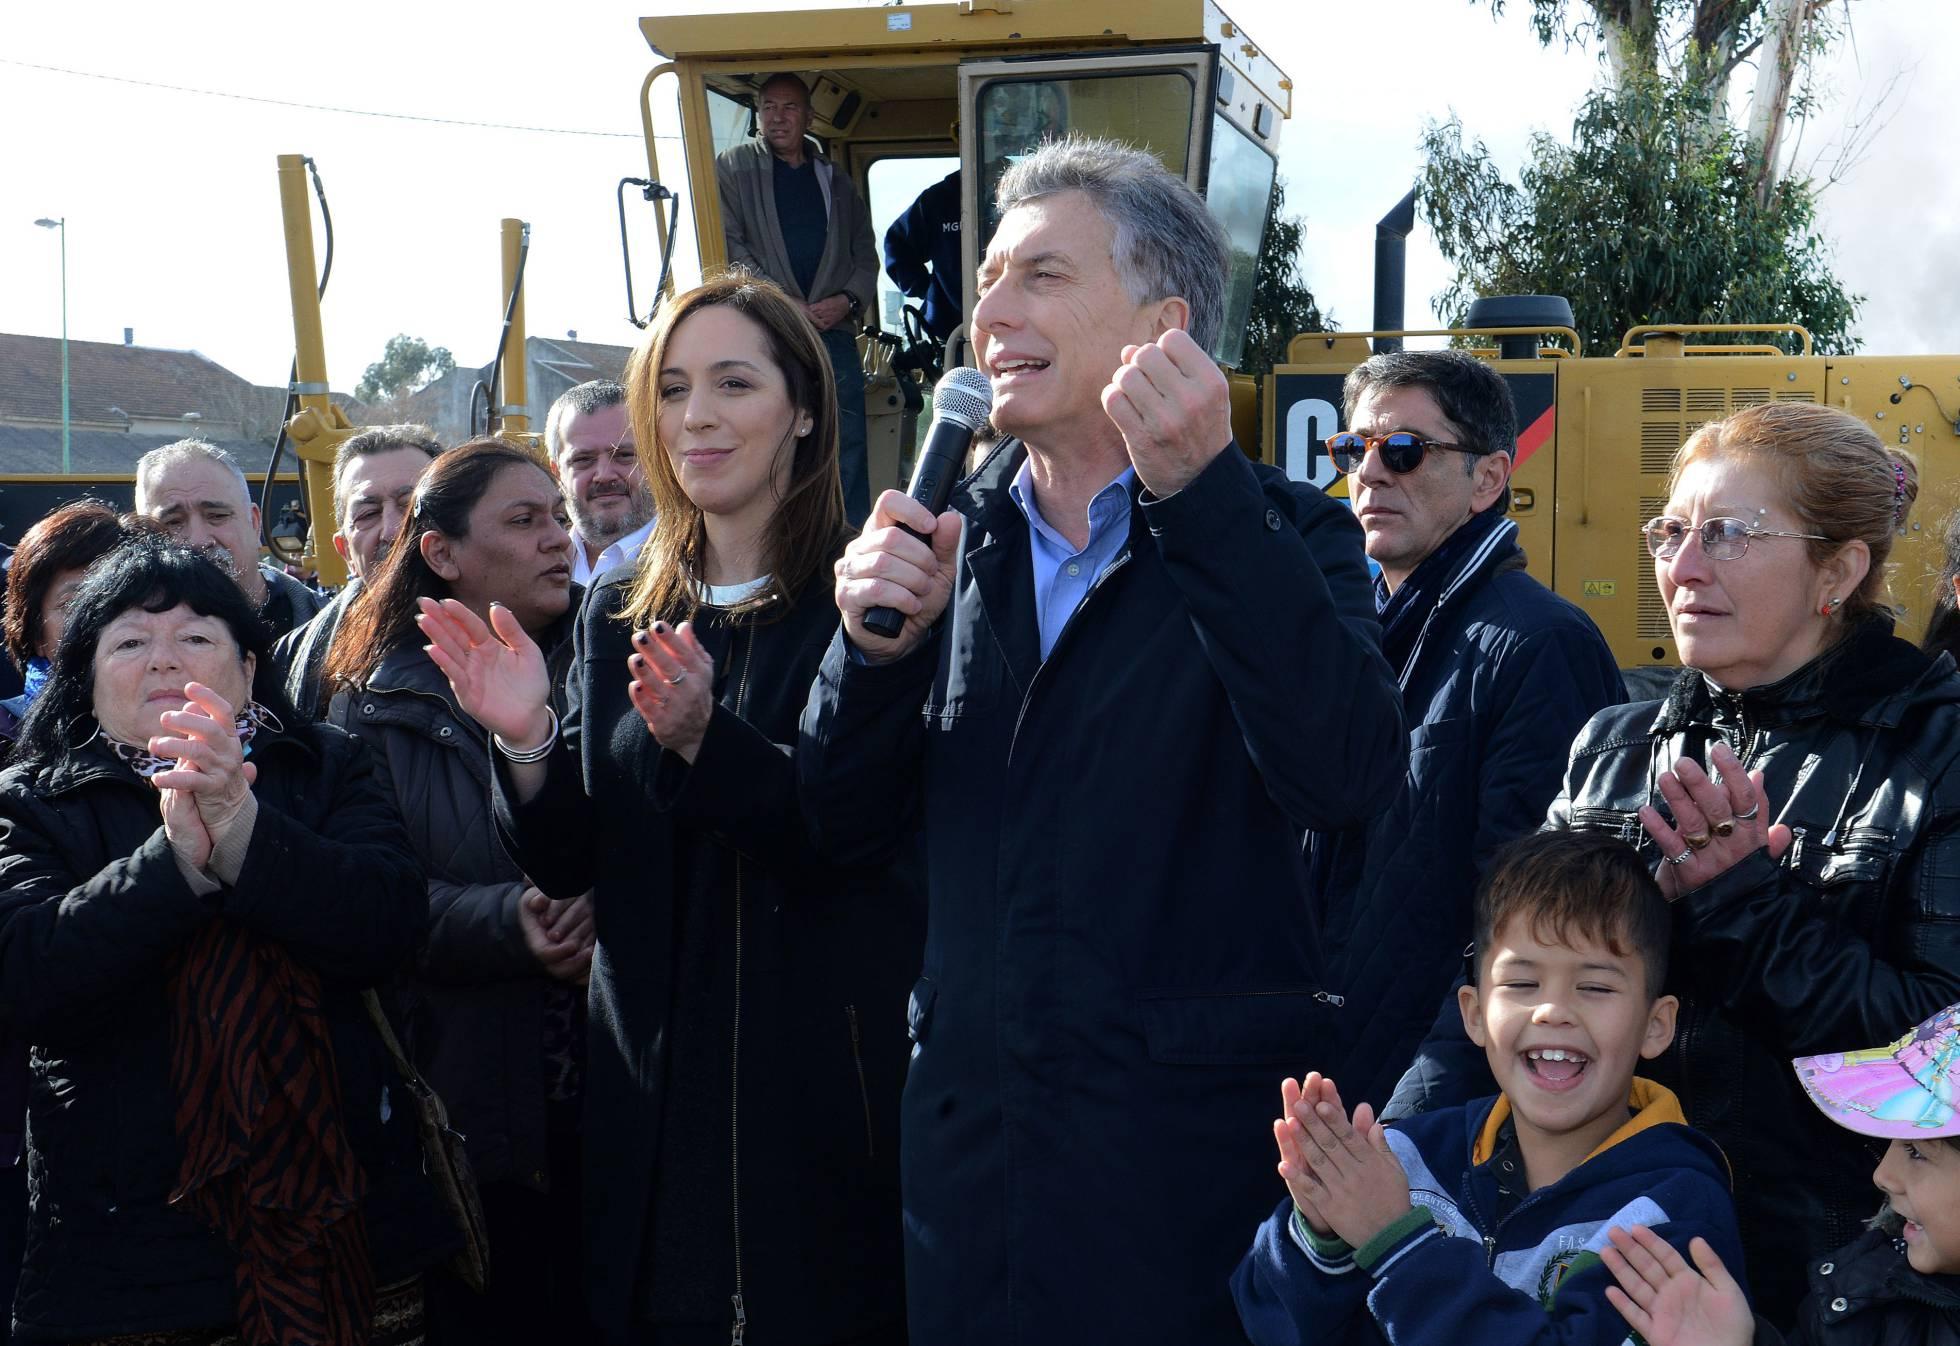 Argentina: Macri é recebido com insultos e pedras em ato oficial